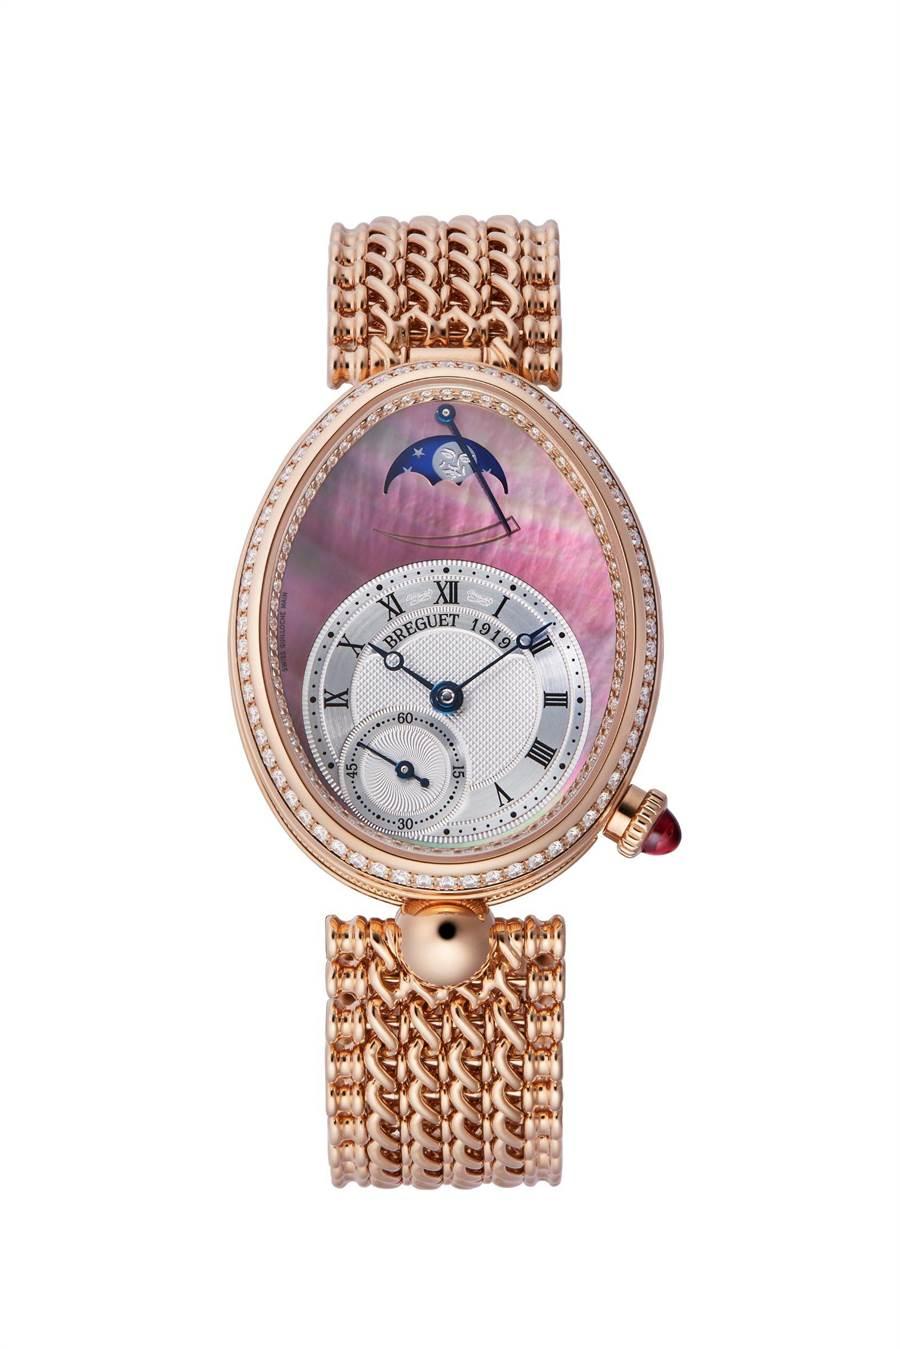 寶璣那不勒斯系列Reine de Naples 8908月相仕女鍊帶腕表, 199萬2000元。(Breguet提供)